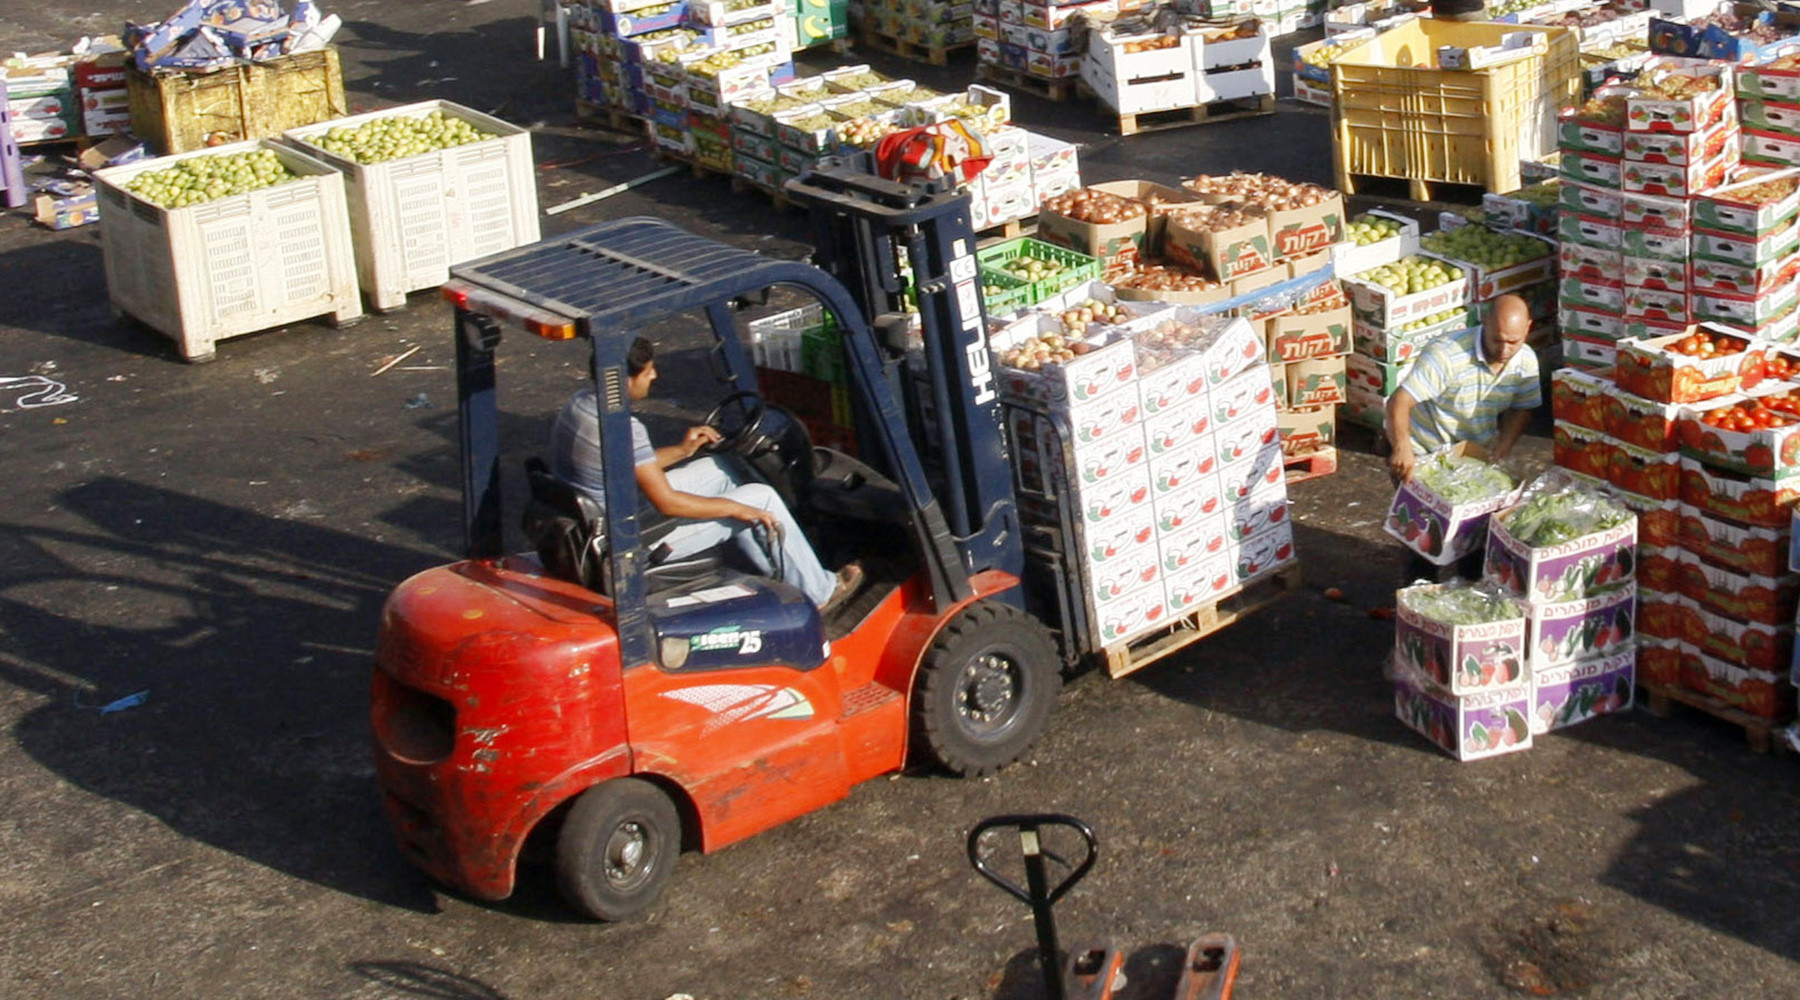 Россия позволит четырём турецким предприятиям поставлять томаты на свой рынок